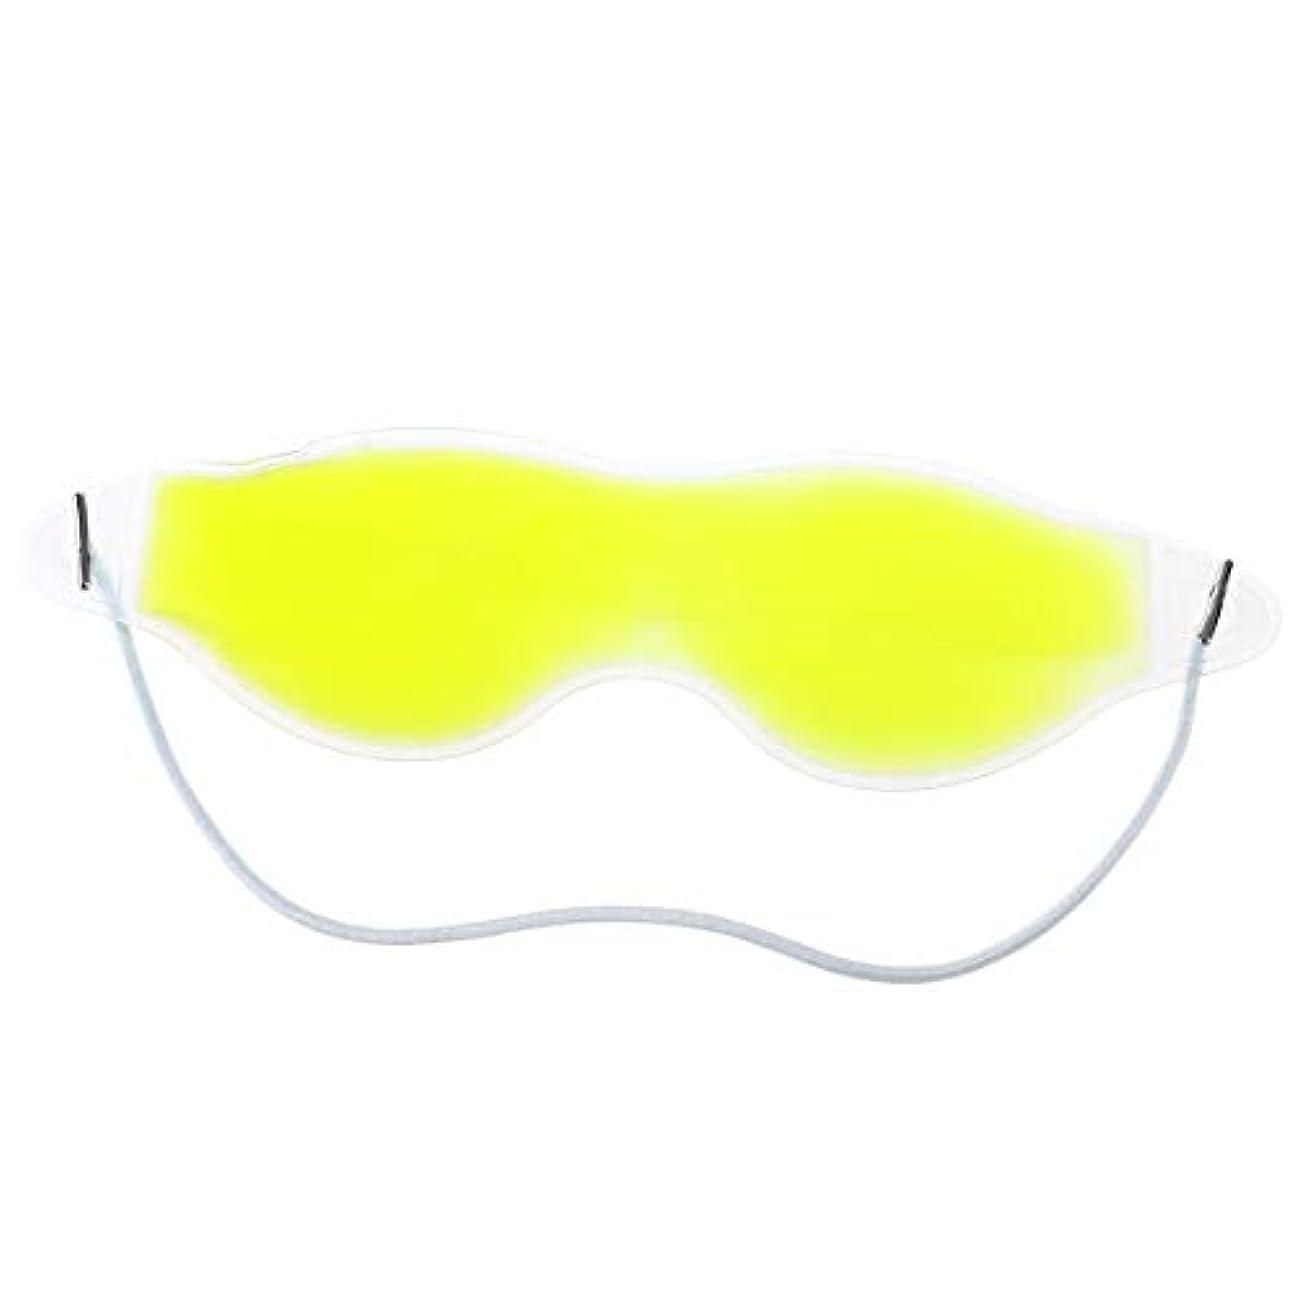 地球致命的北極圏ARTLILY ジェルアイマスクアイスコールドパックまたはホットパックアイリラクゼーションセラピーマスク - 眠りを改善し、腫れぼったい、目の腫れ、疲労、頭痛、緊張を改善(黄色)